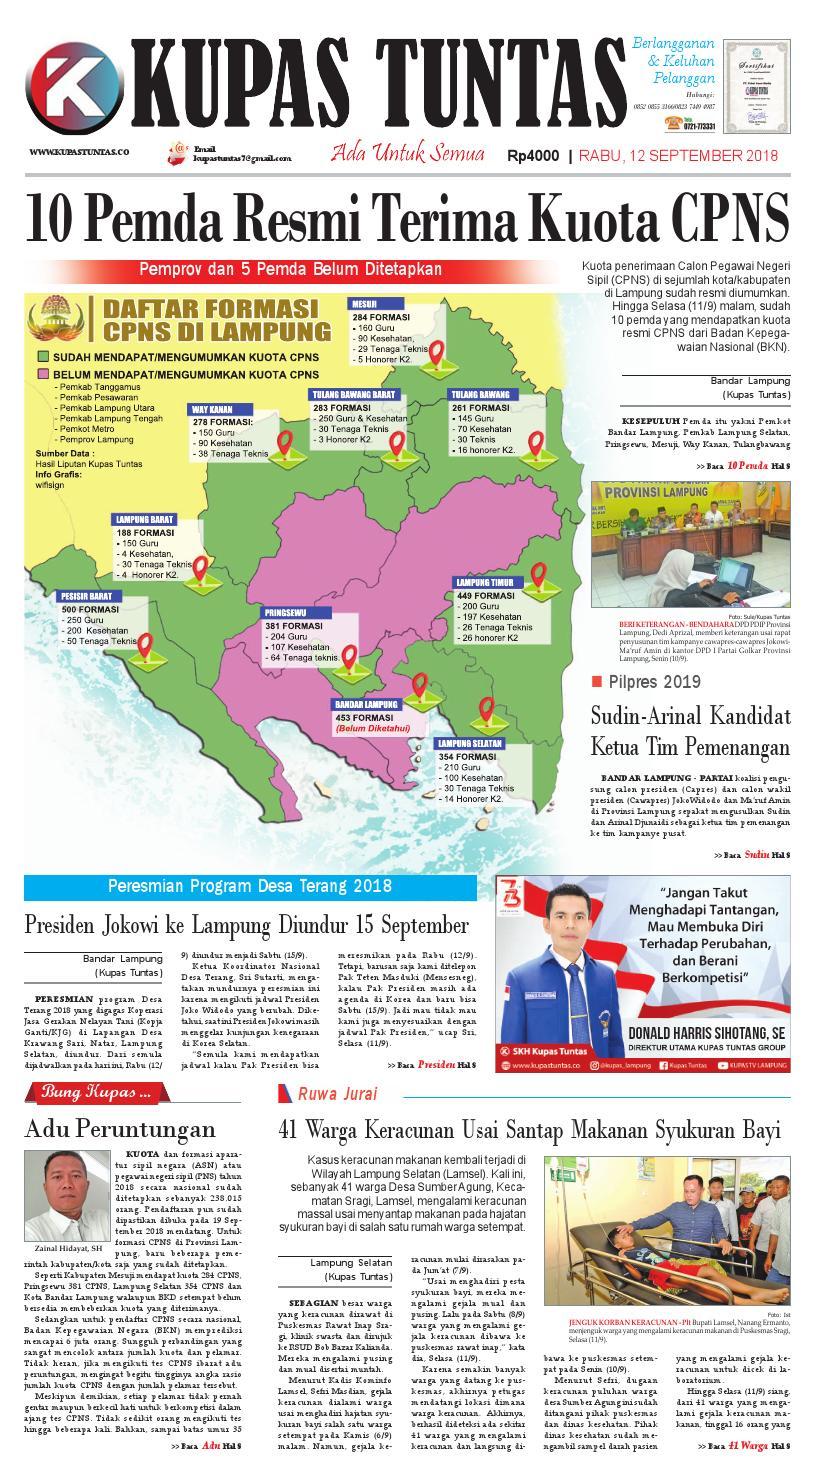 Surat Kabar Harian Kupas Tuntas Edisi Rabu 12 September 2018 By